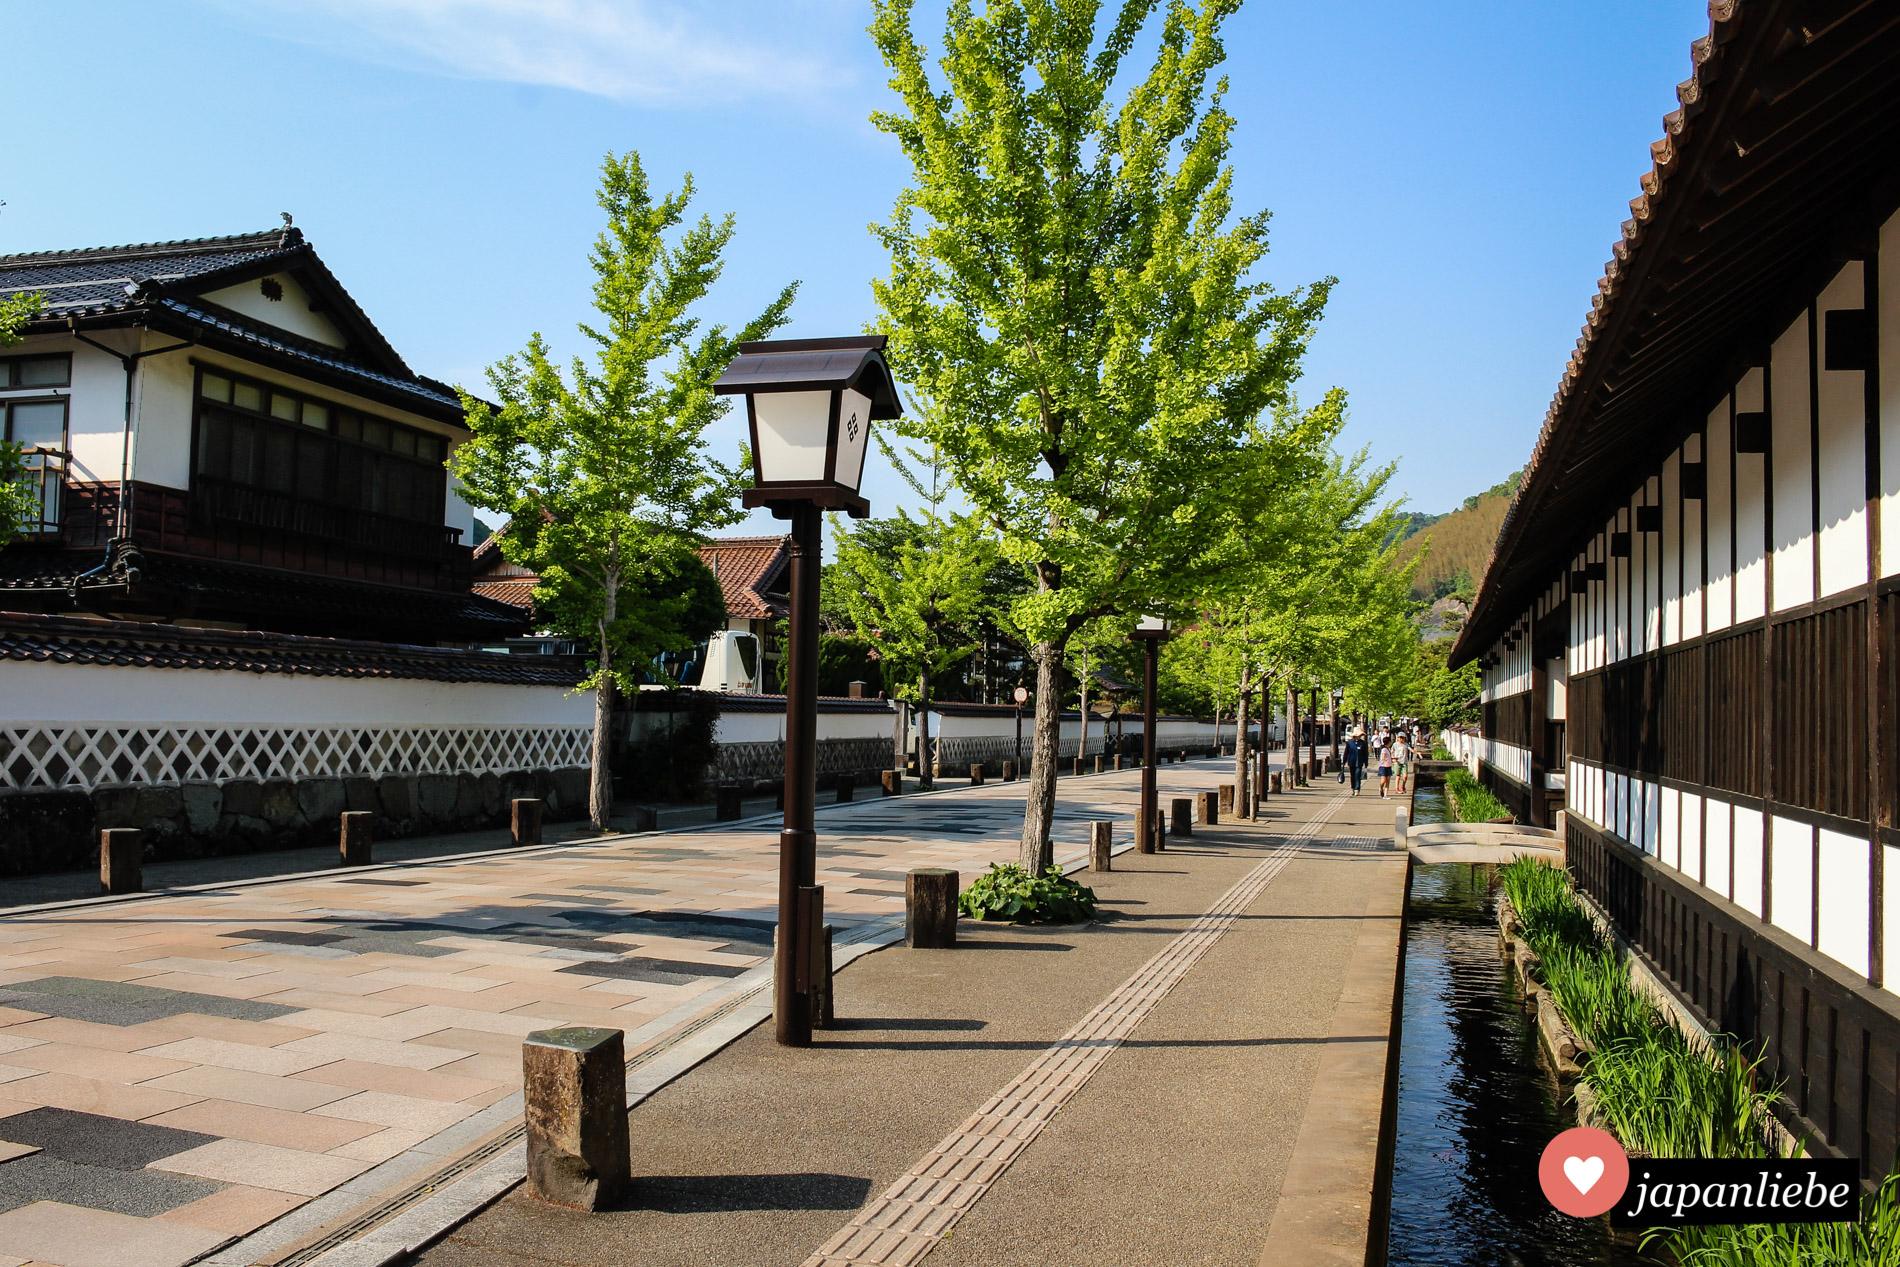 Tsuwanos Straßen sind gesäumt von Wasserrinnen, in den sich hunderte farbige Koi-Karpfen tummeln.